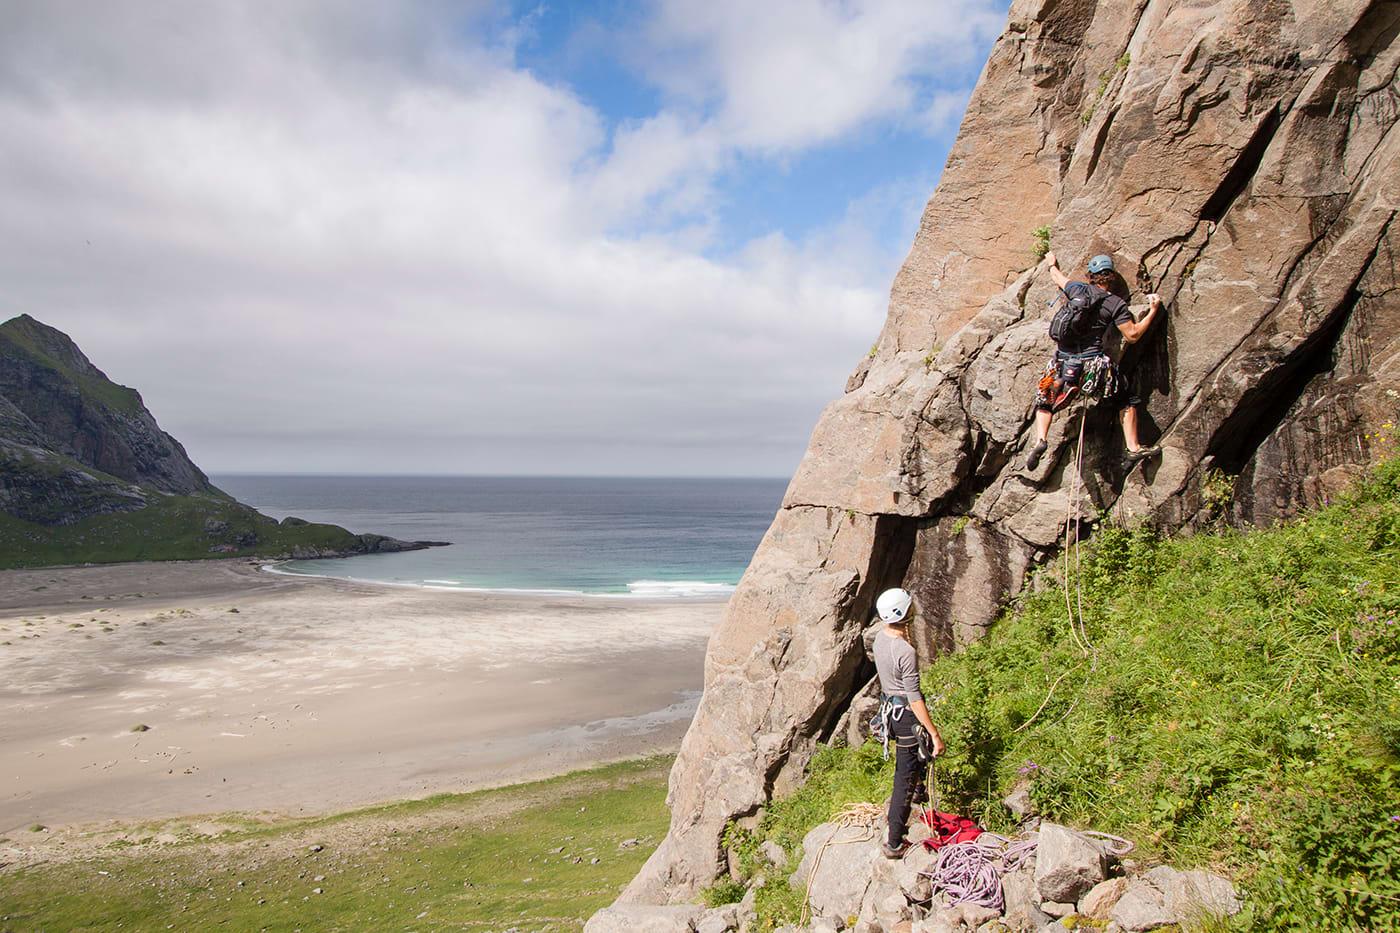 Minste motstands vei – det er ikke alle som liker å følge det utsagnet! For dedikerte fjellklatrere, er klatreturen opp Helvetestind noe av det råeste de kan oppleve.